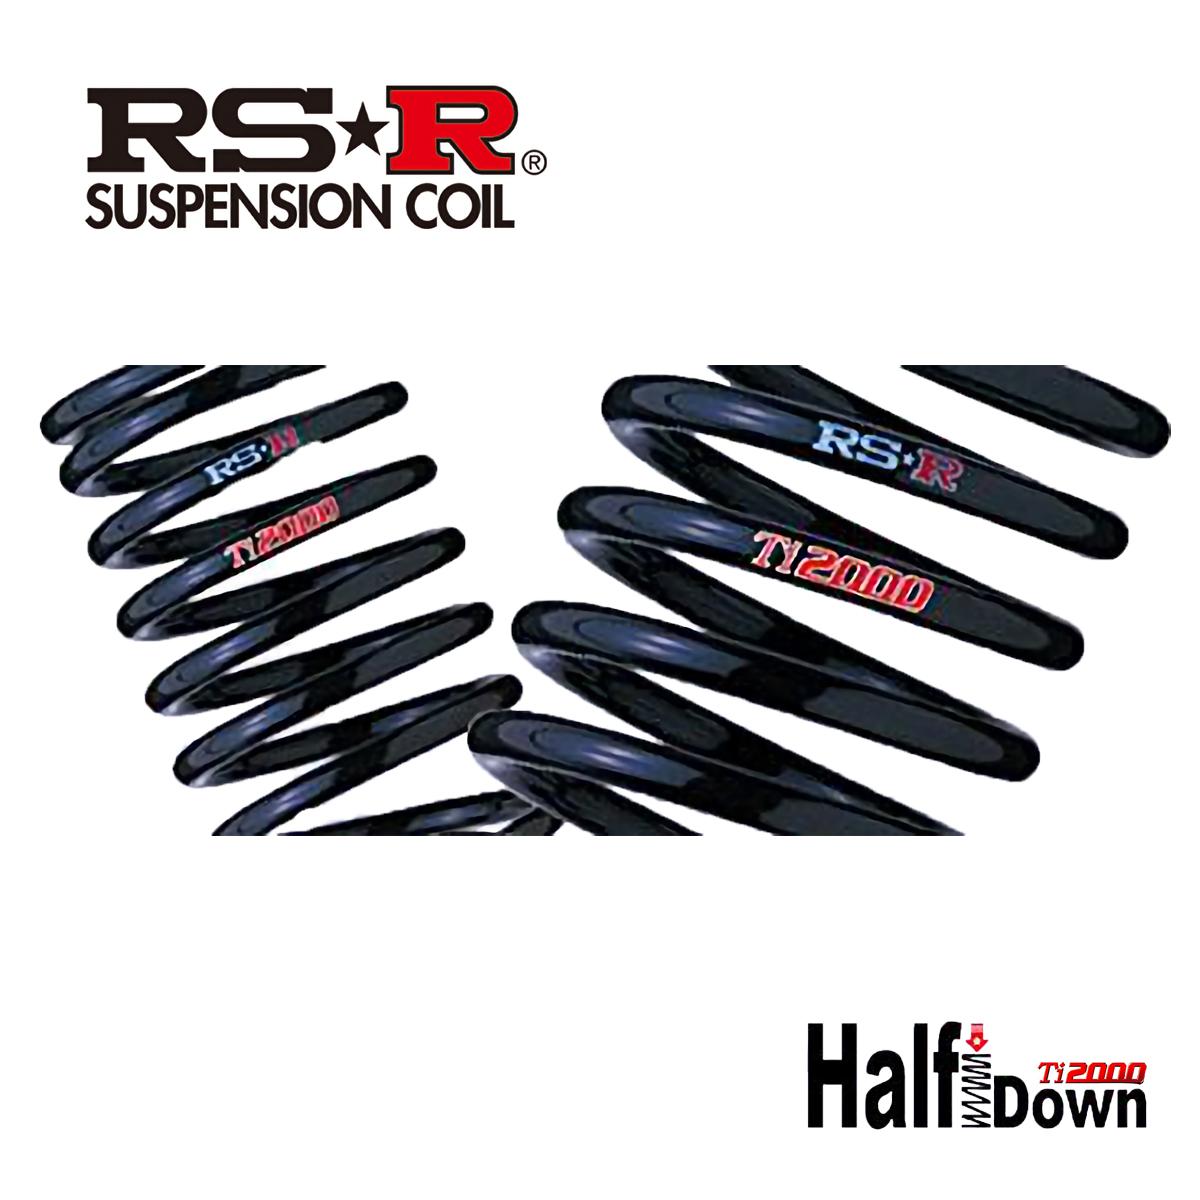 RS-R ハスラー Gターボ MR41S ダウンサス スプリング 1台分 S400TD Ti2000 ダウン RSR 個人宅発送追金有